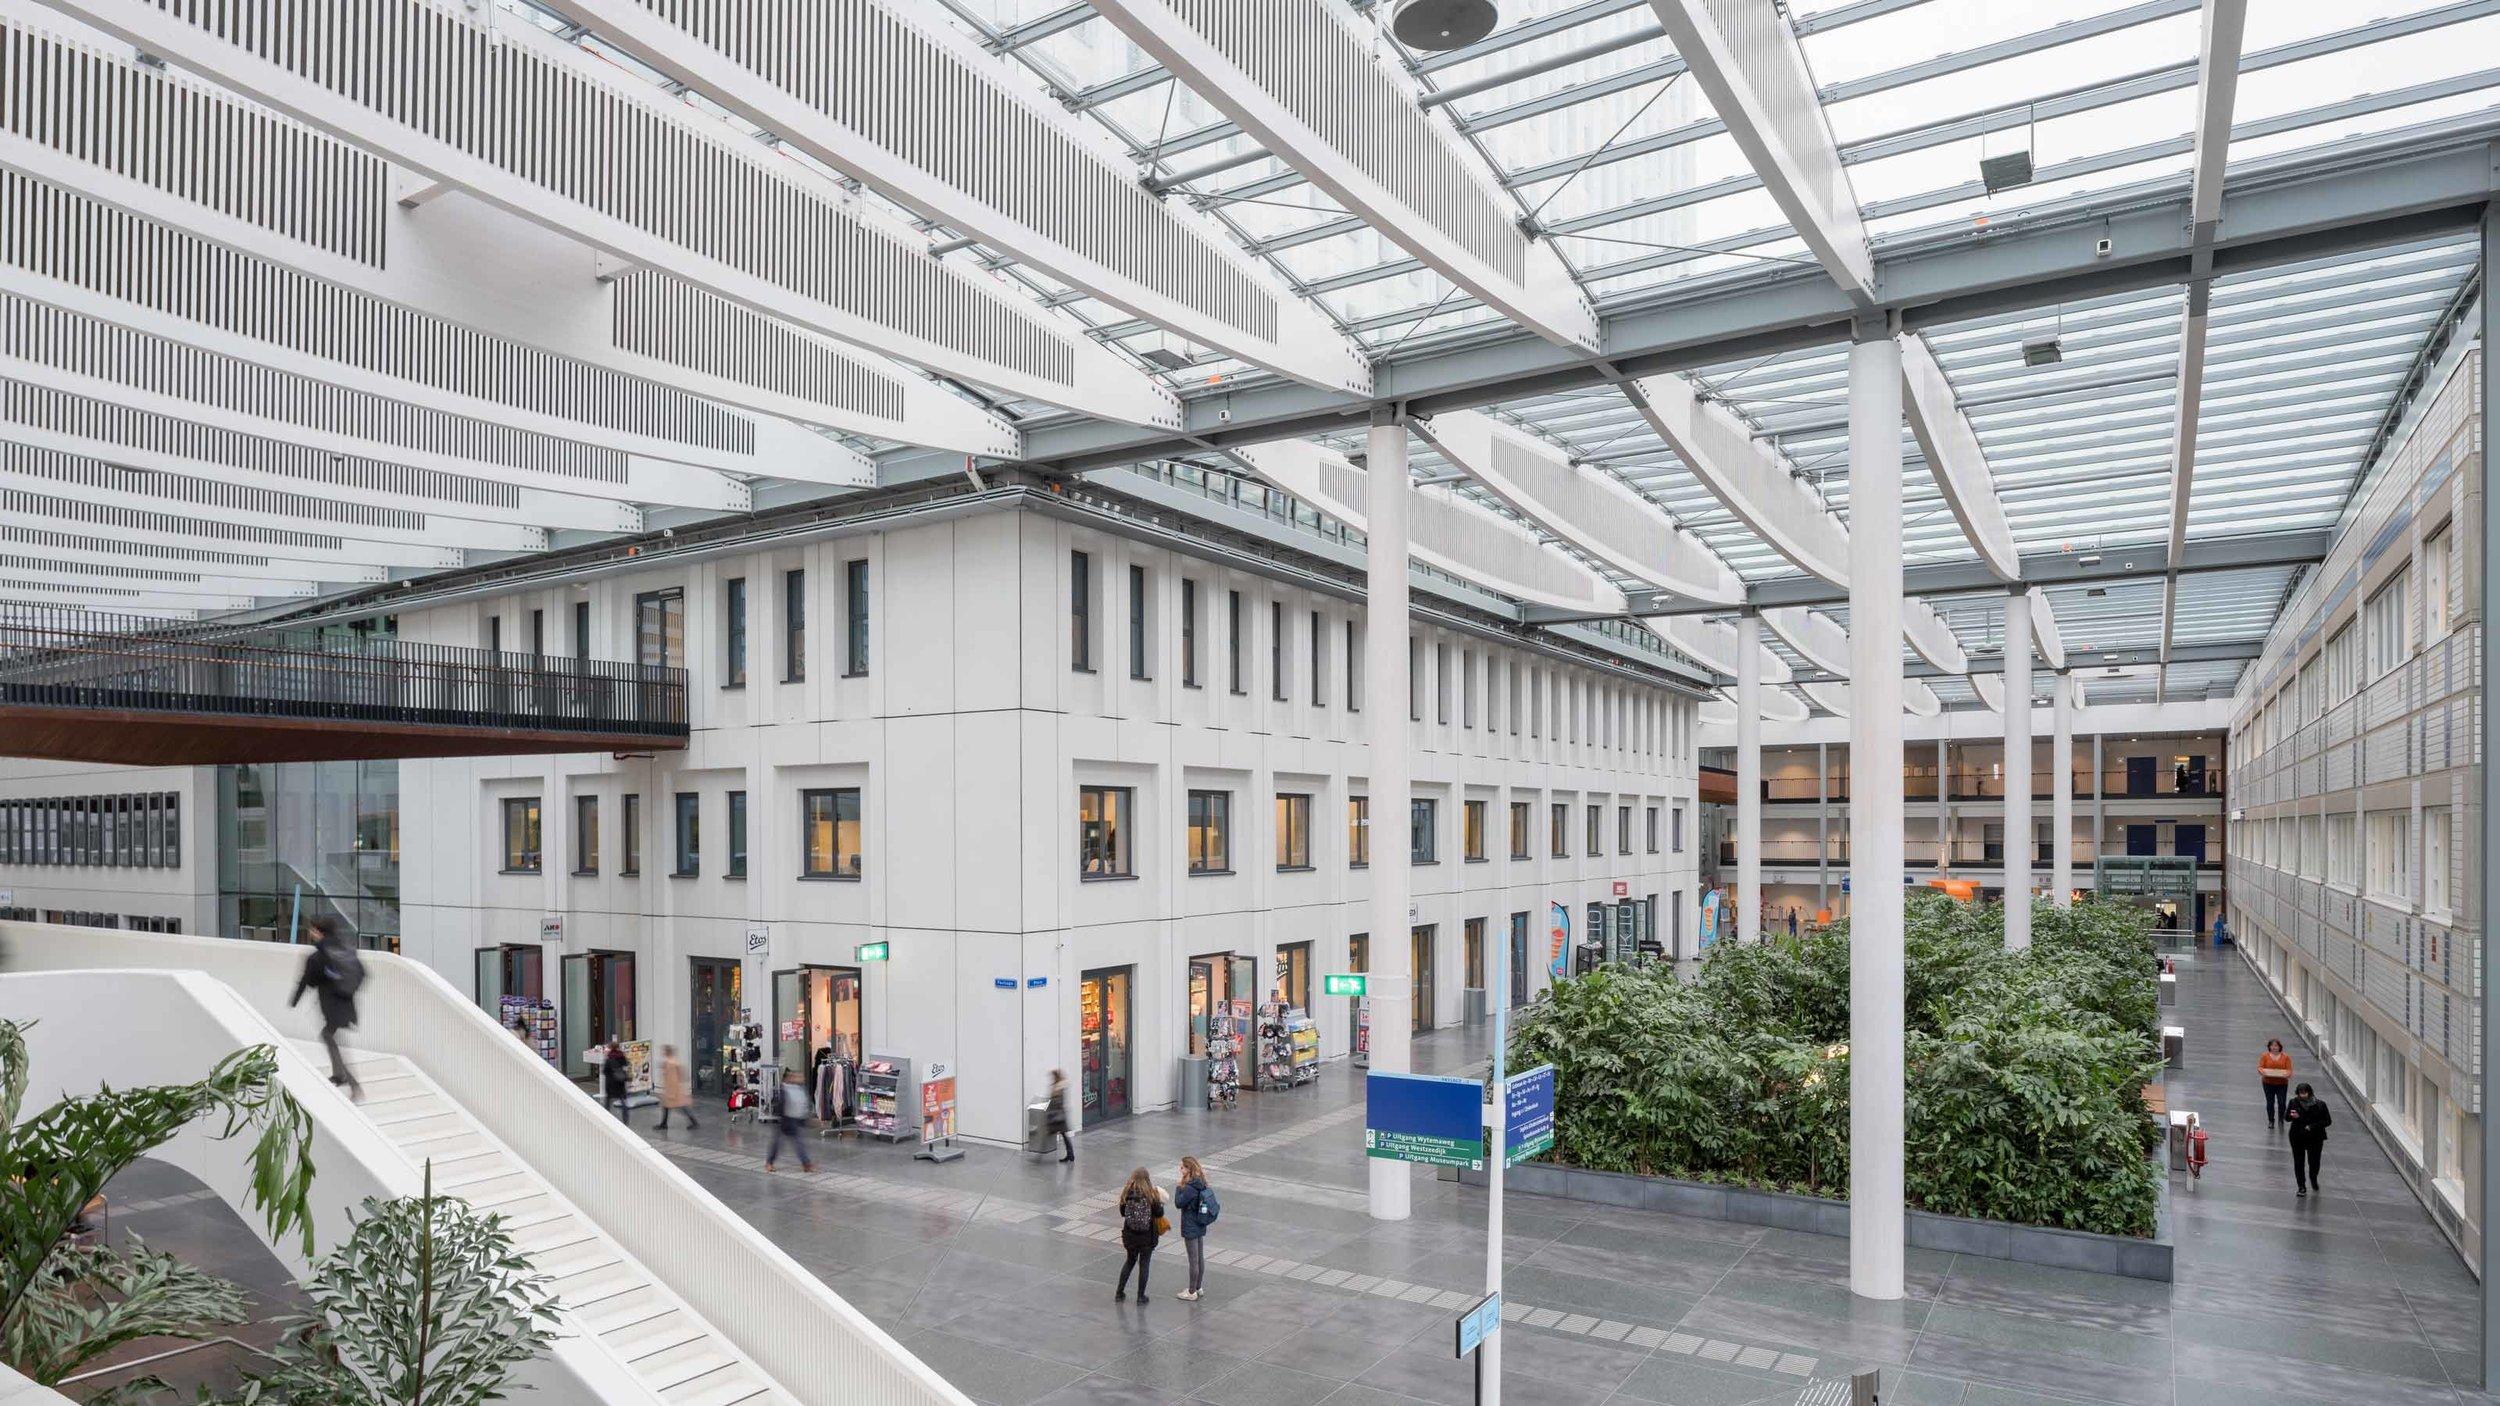 EGM-architecten-Erasmus-MC-ziekenhuis-Rotterdam-plein-Sophia-02.jpg